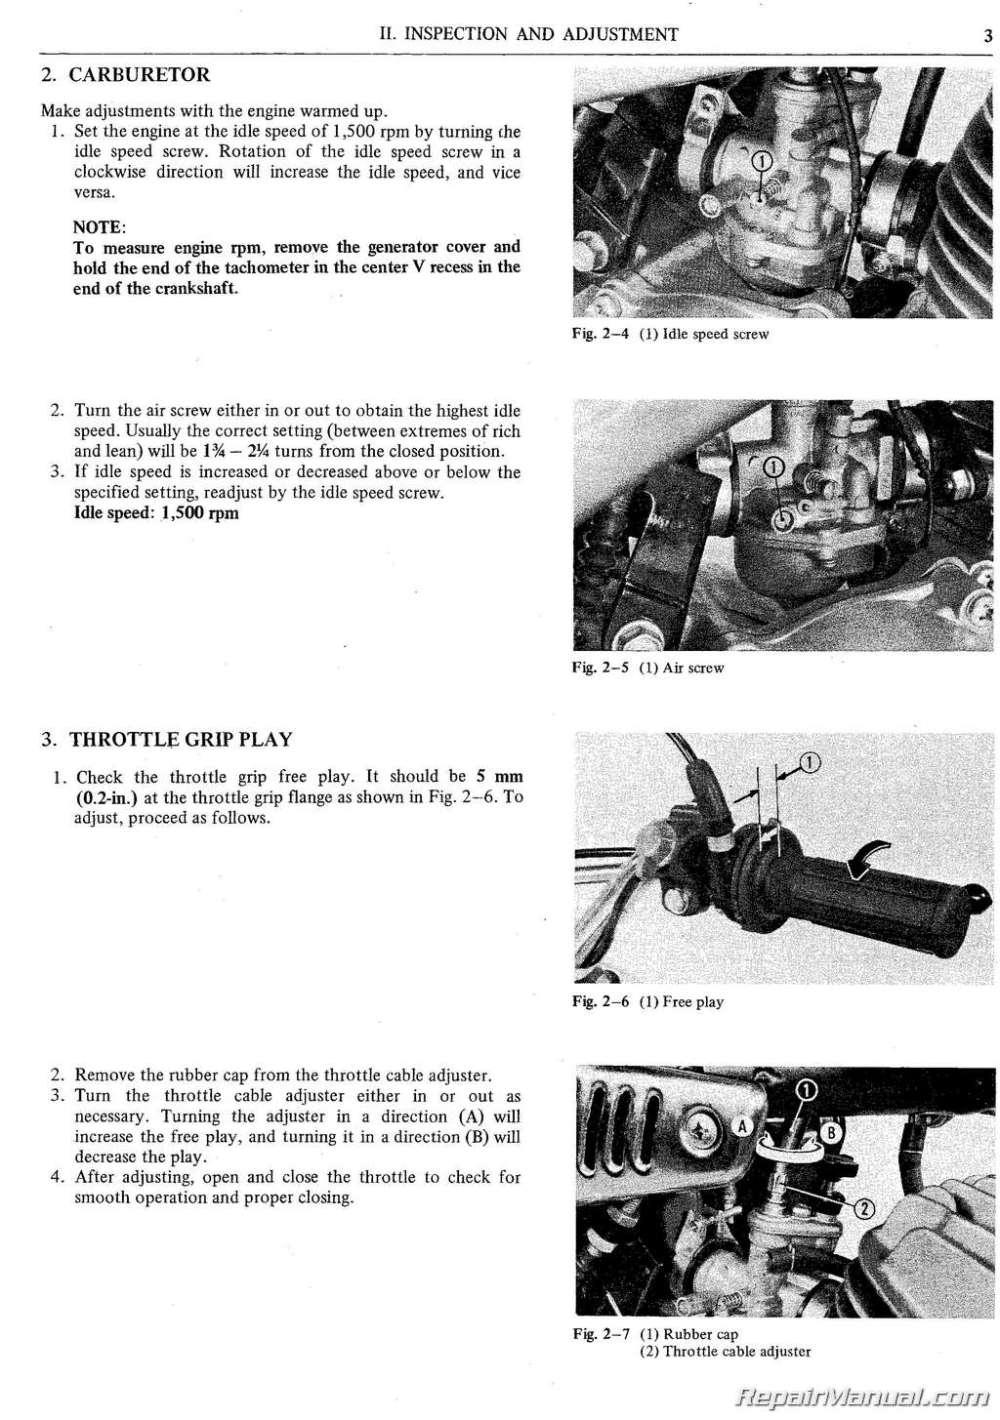 medium resolution of honda mr50 wiring diagram